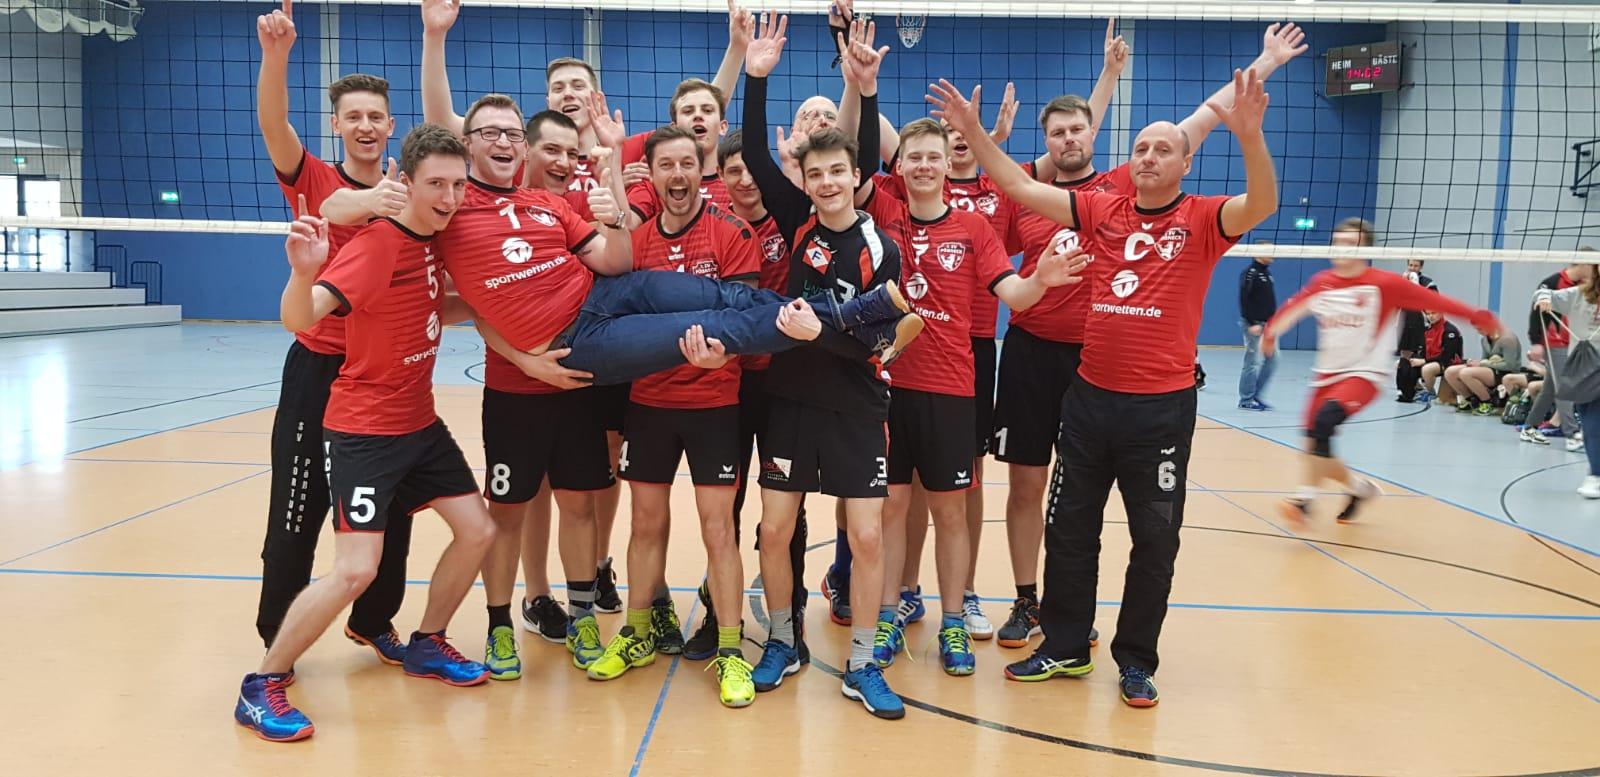 Bezirksliga Ost – Pöẞnecker Volleyballer mit deutlichem Sieg im Derby gegen Knau und damit neuer Tabellenführer der Bezirksliga Ost